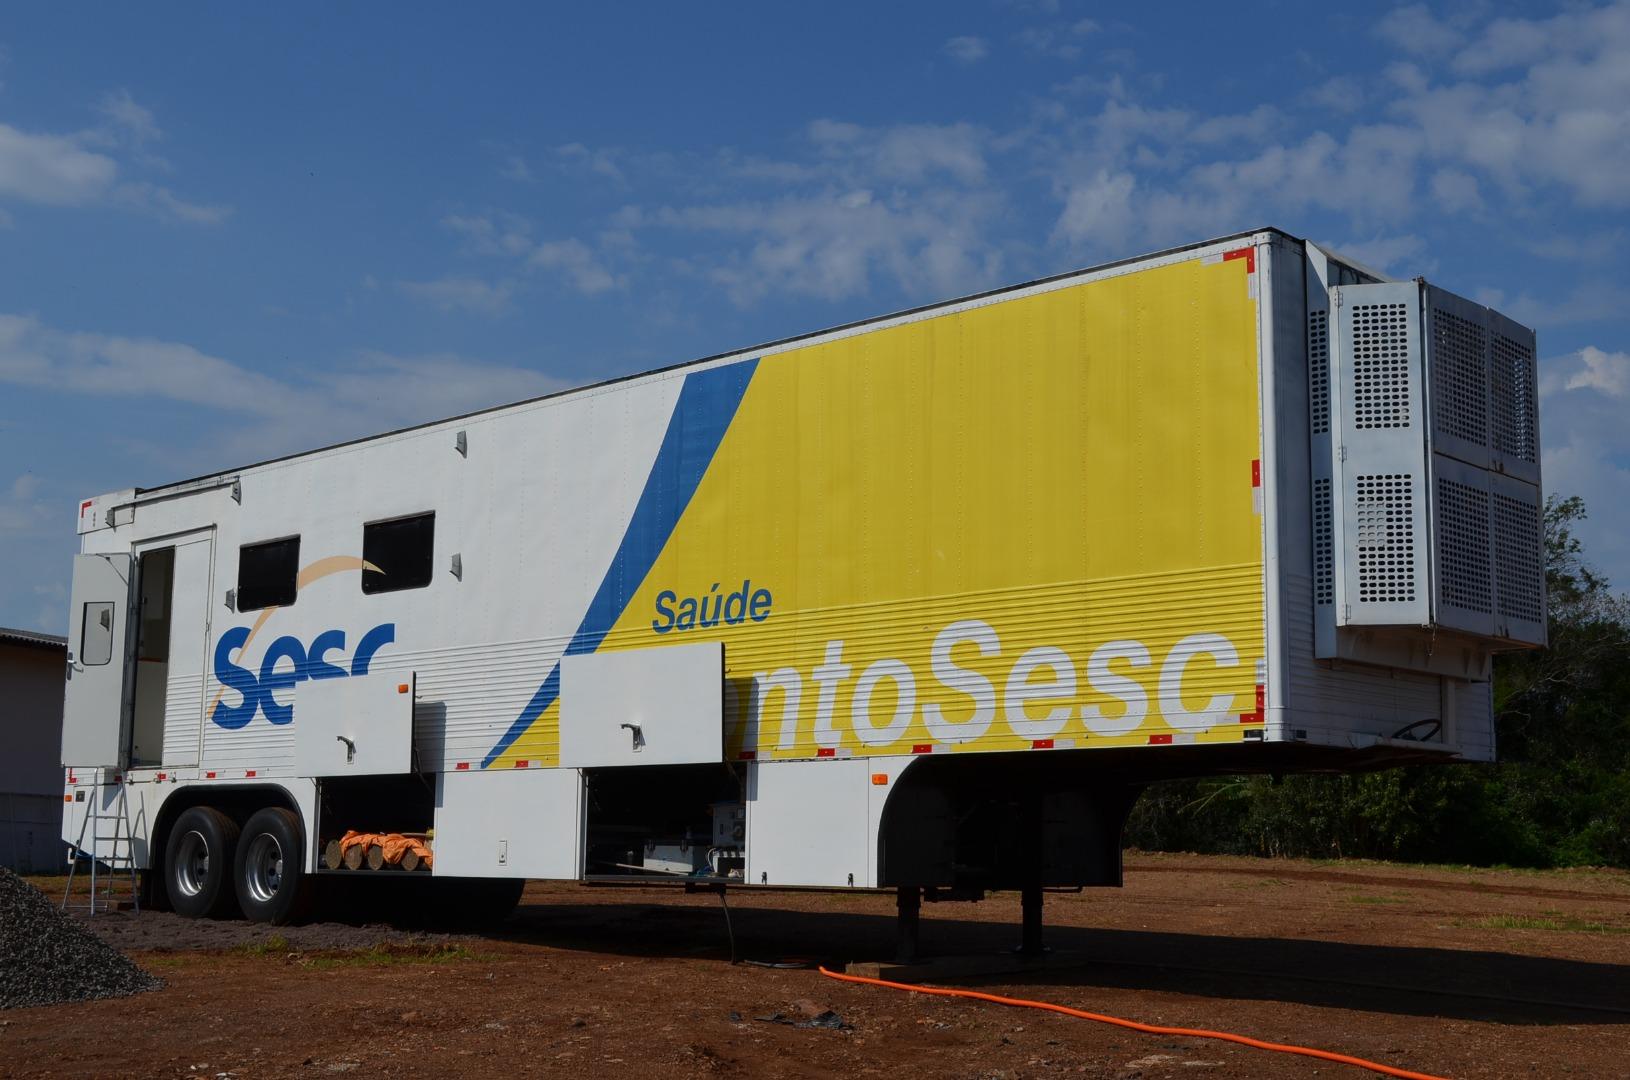 Agendamento para atendimentos no OdontoSesc em Guaraciaba é iniciado